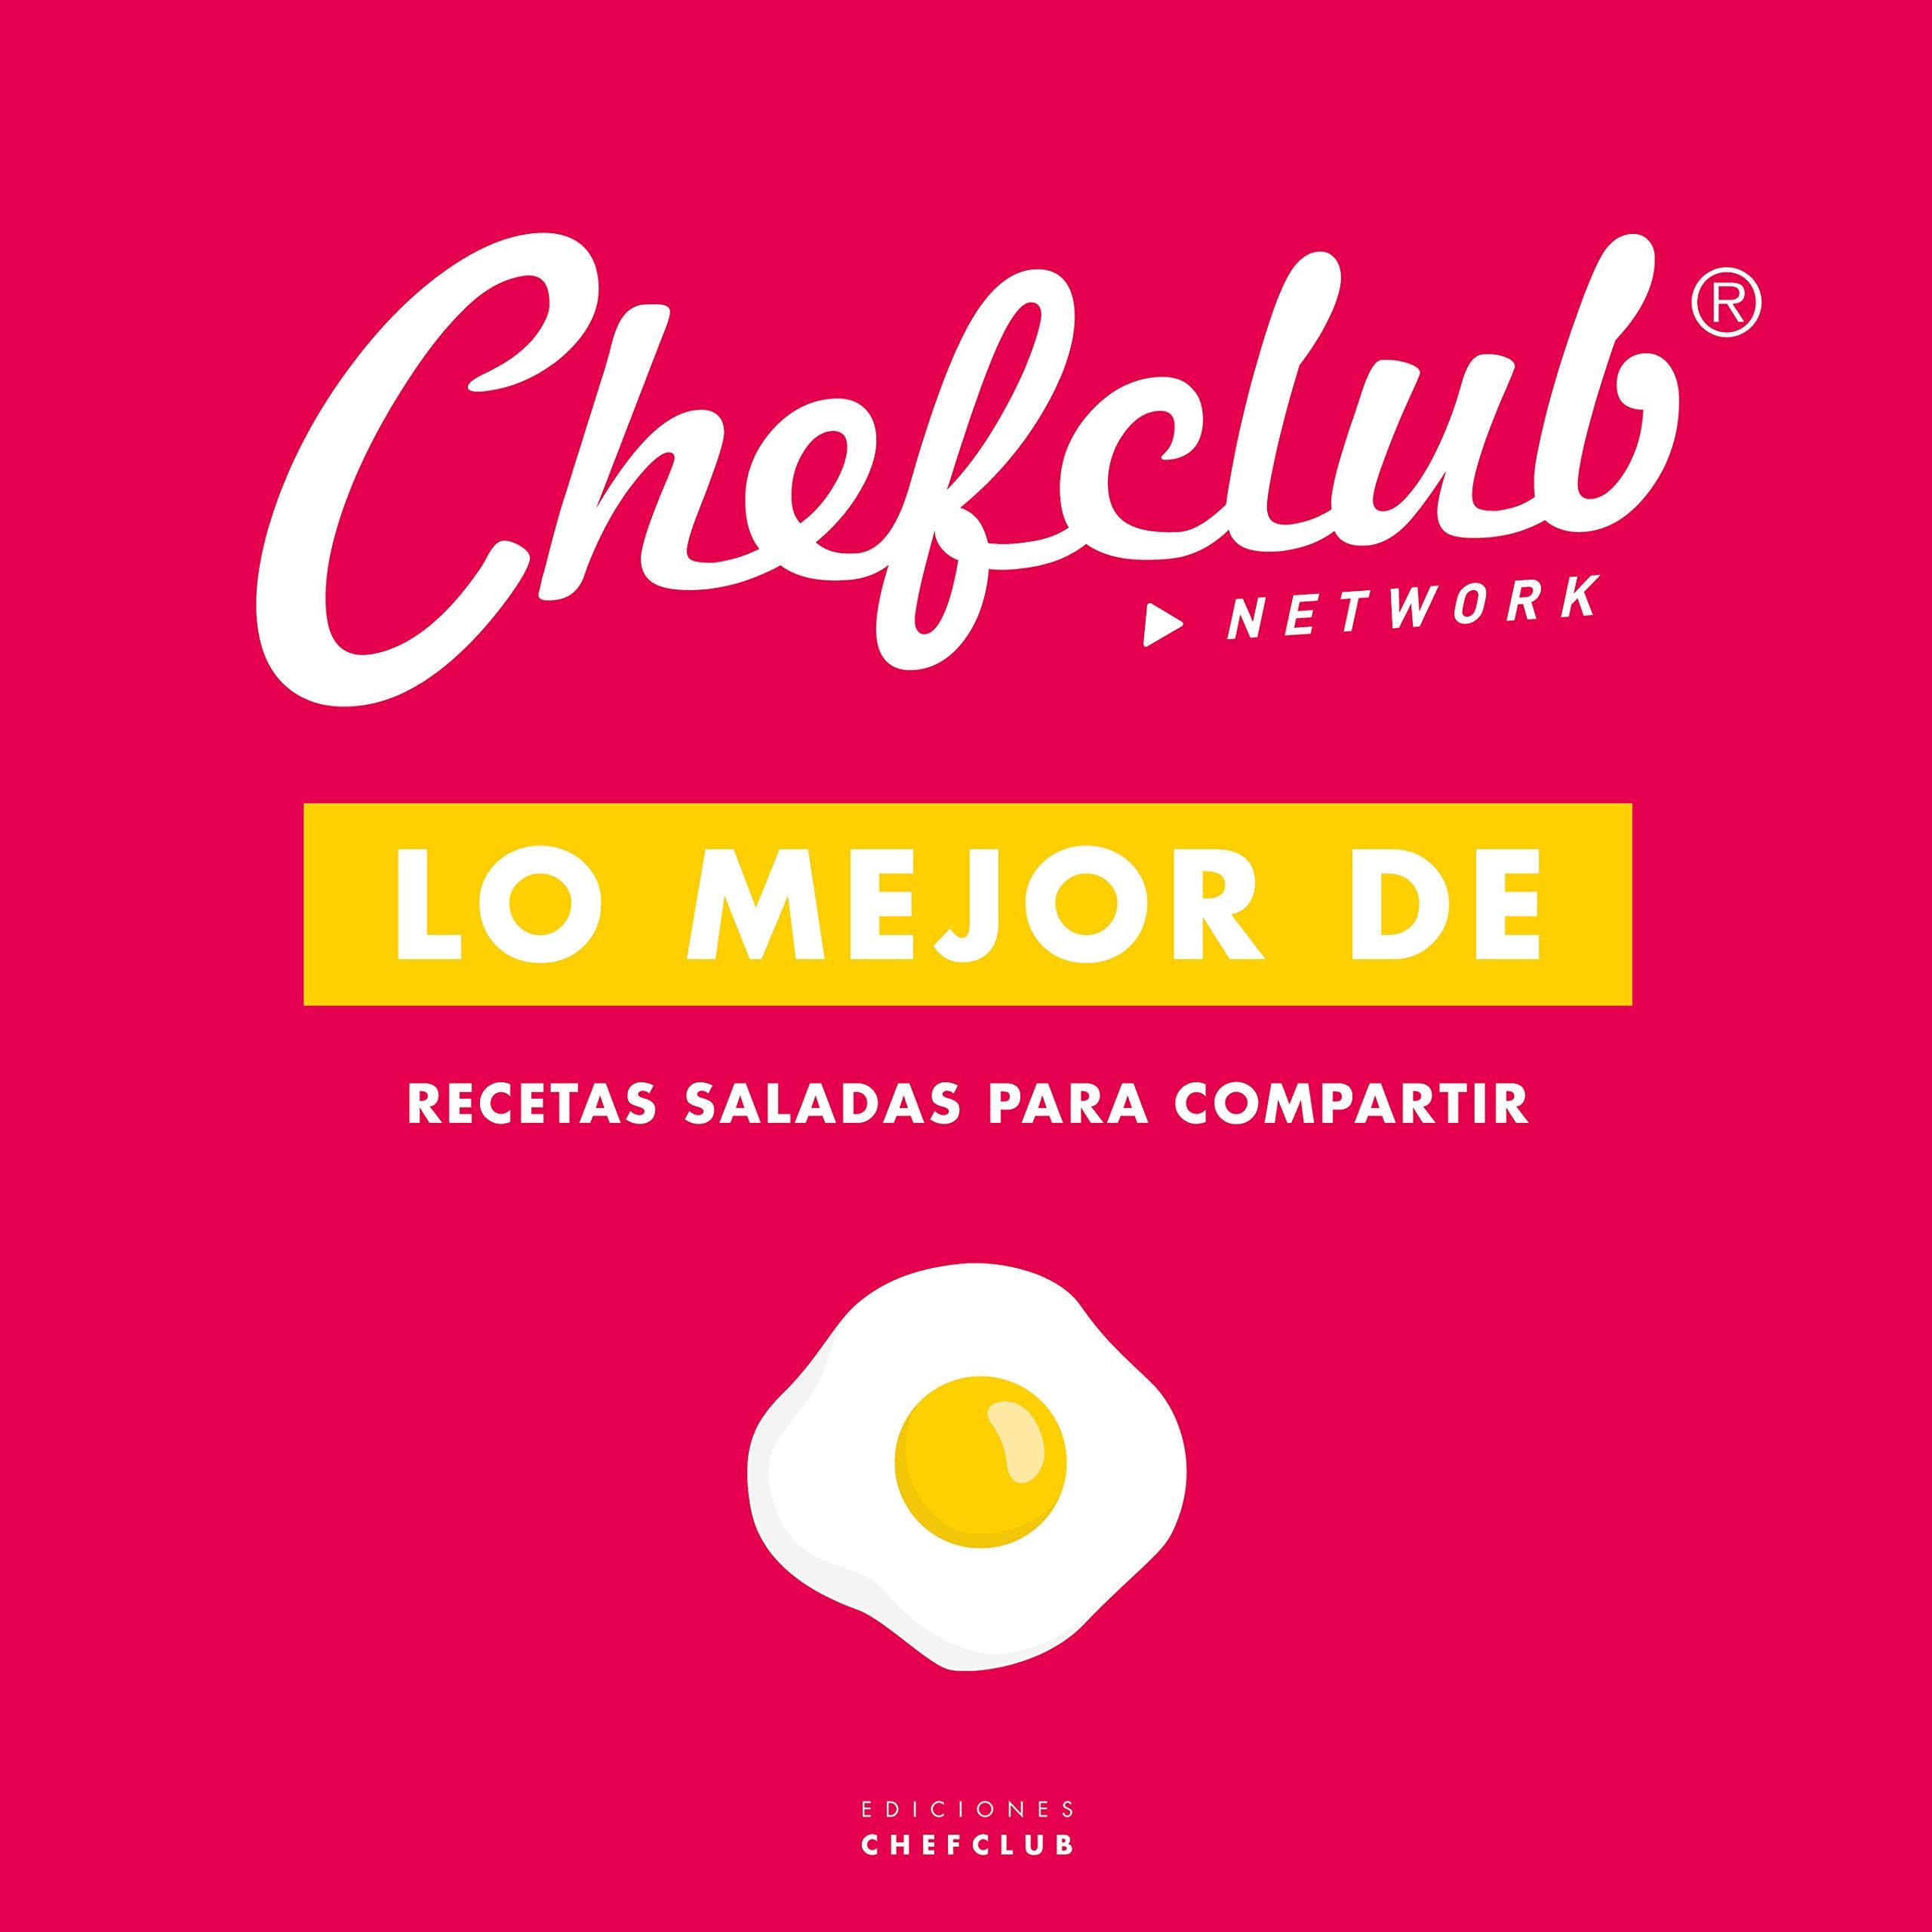 Lo mejor de - Recetas saladas para compartir: Amazon.es: Chefclub ...